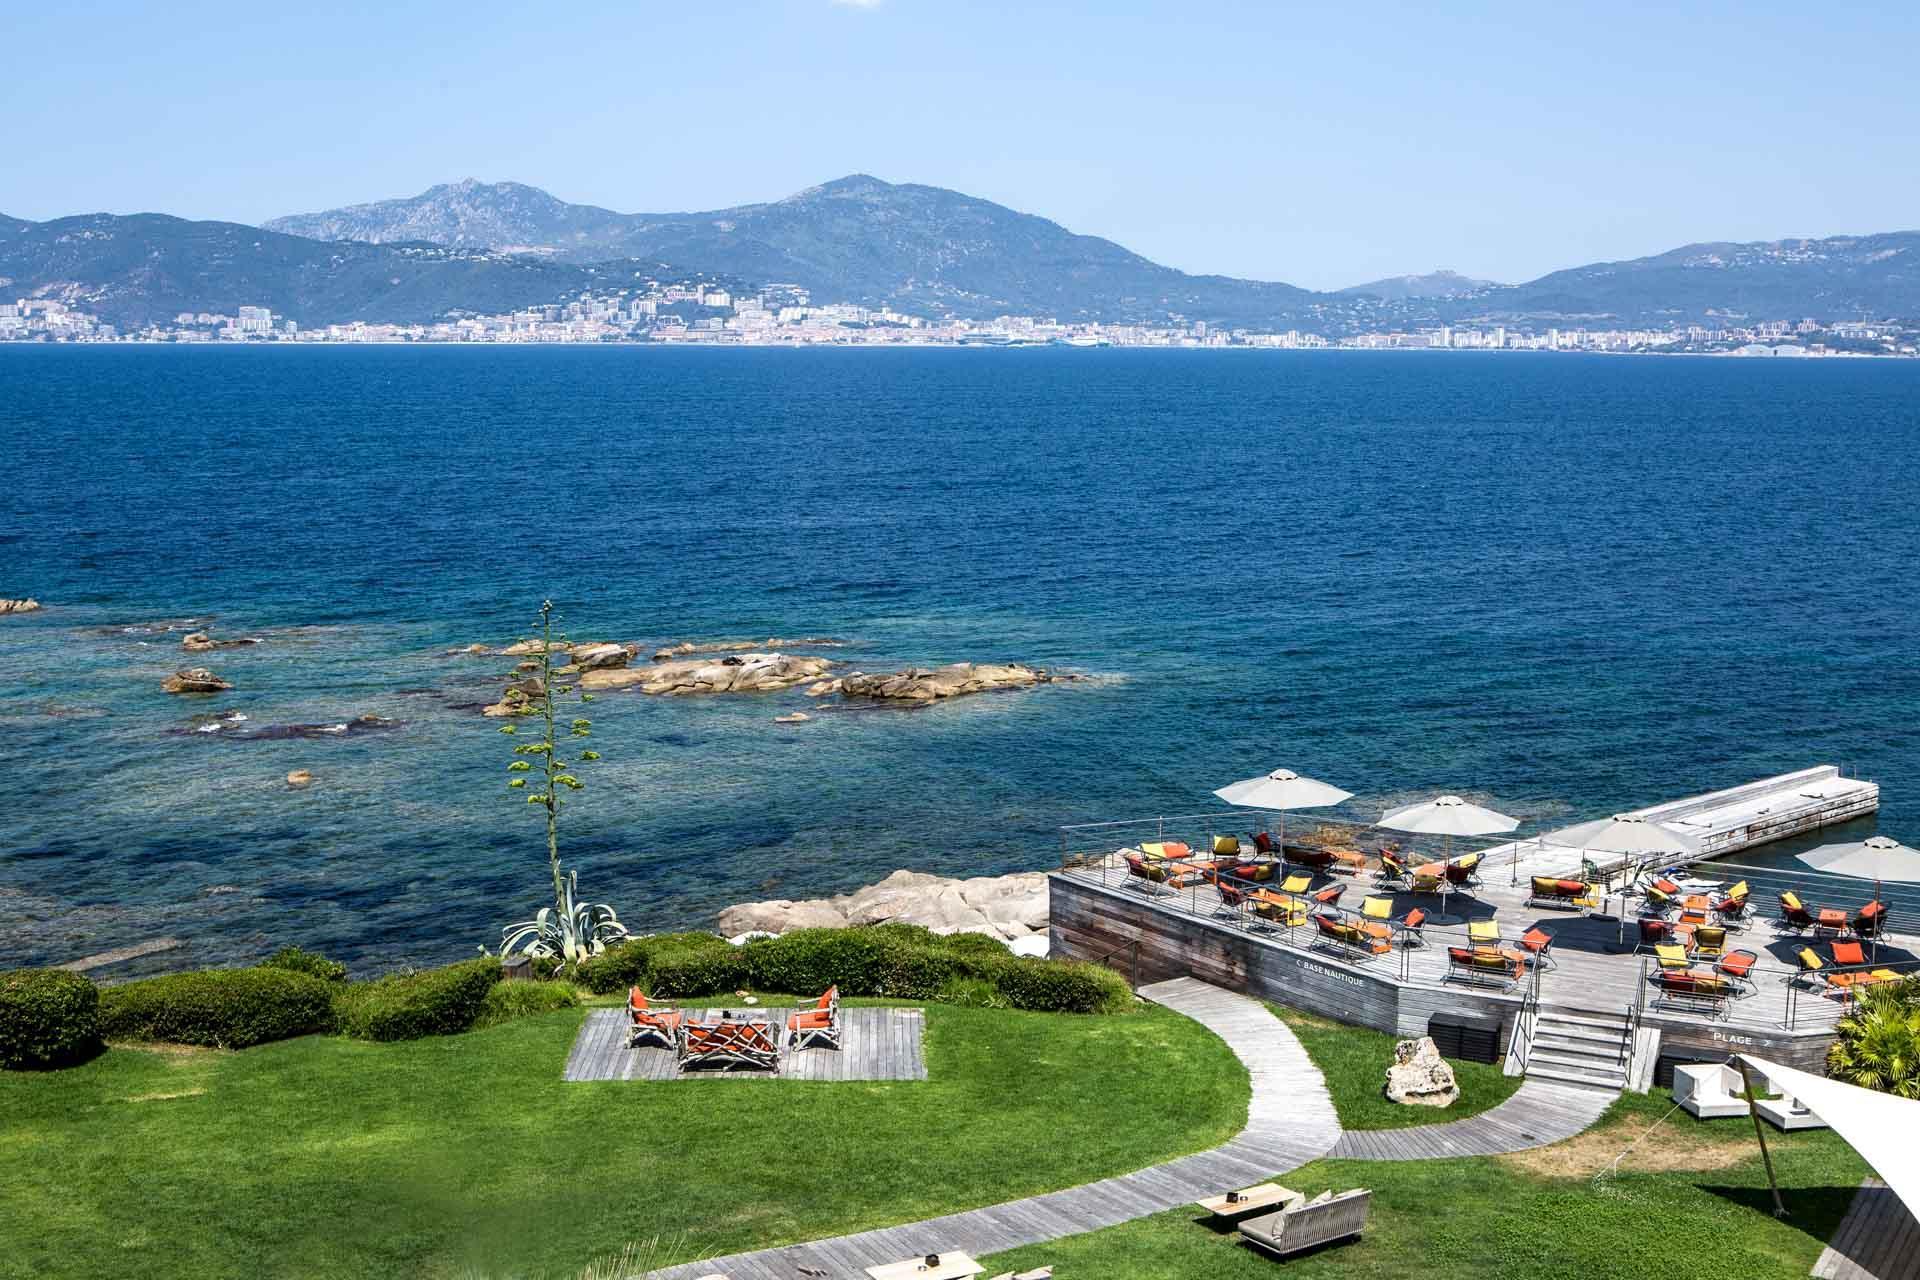 La pelouse du Sofitel Golfe d'Ajaccio descend doucement vers la mer © DR